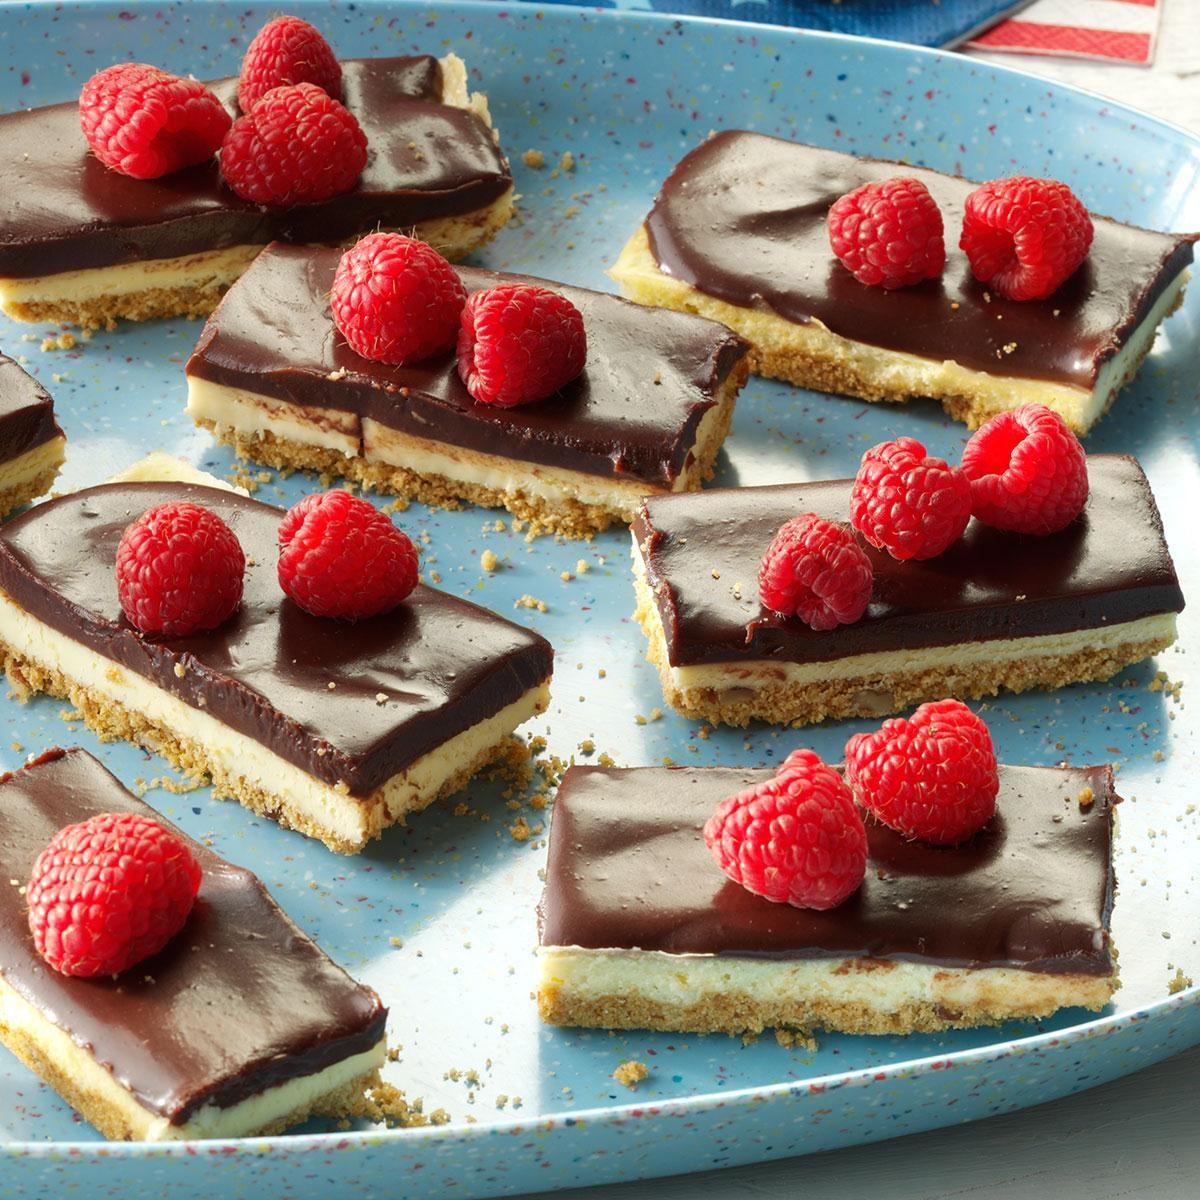 Balsamic Vinegar: Berry & Ganache Cheesecake Bars